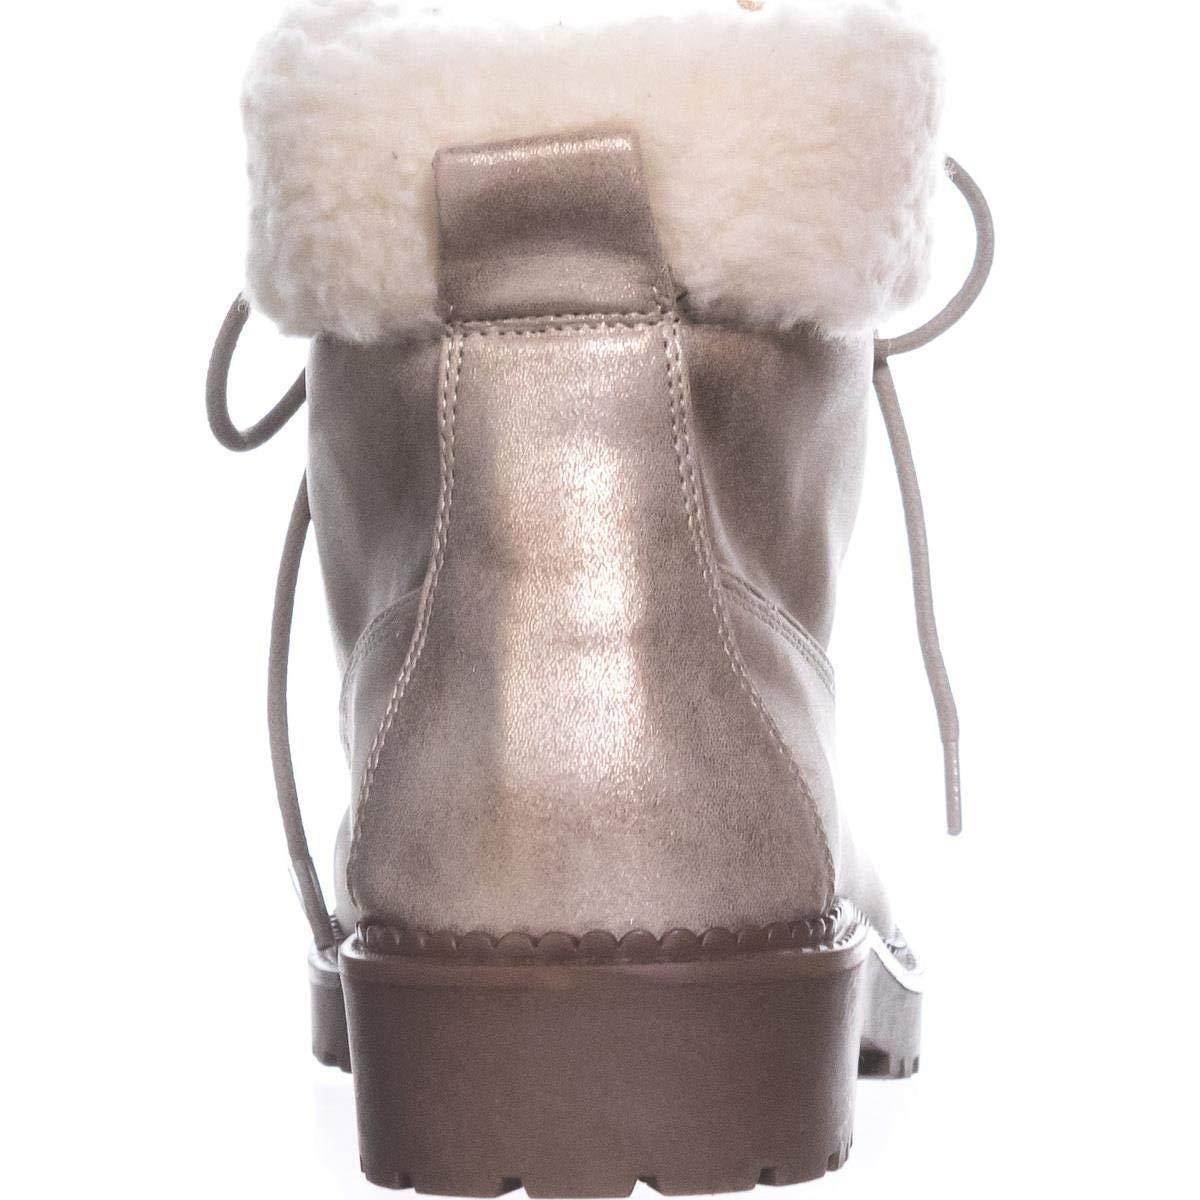 ESPRIT Frauen Candis Zeh Runder Zeh Candis Fashion Stiefel 57af0f